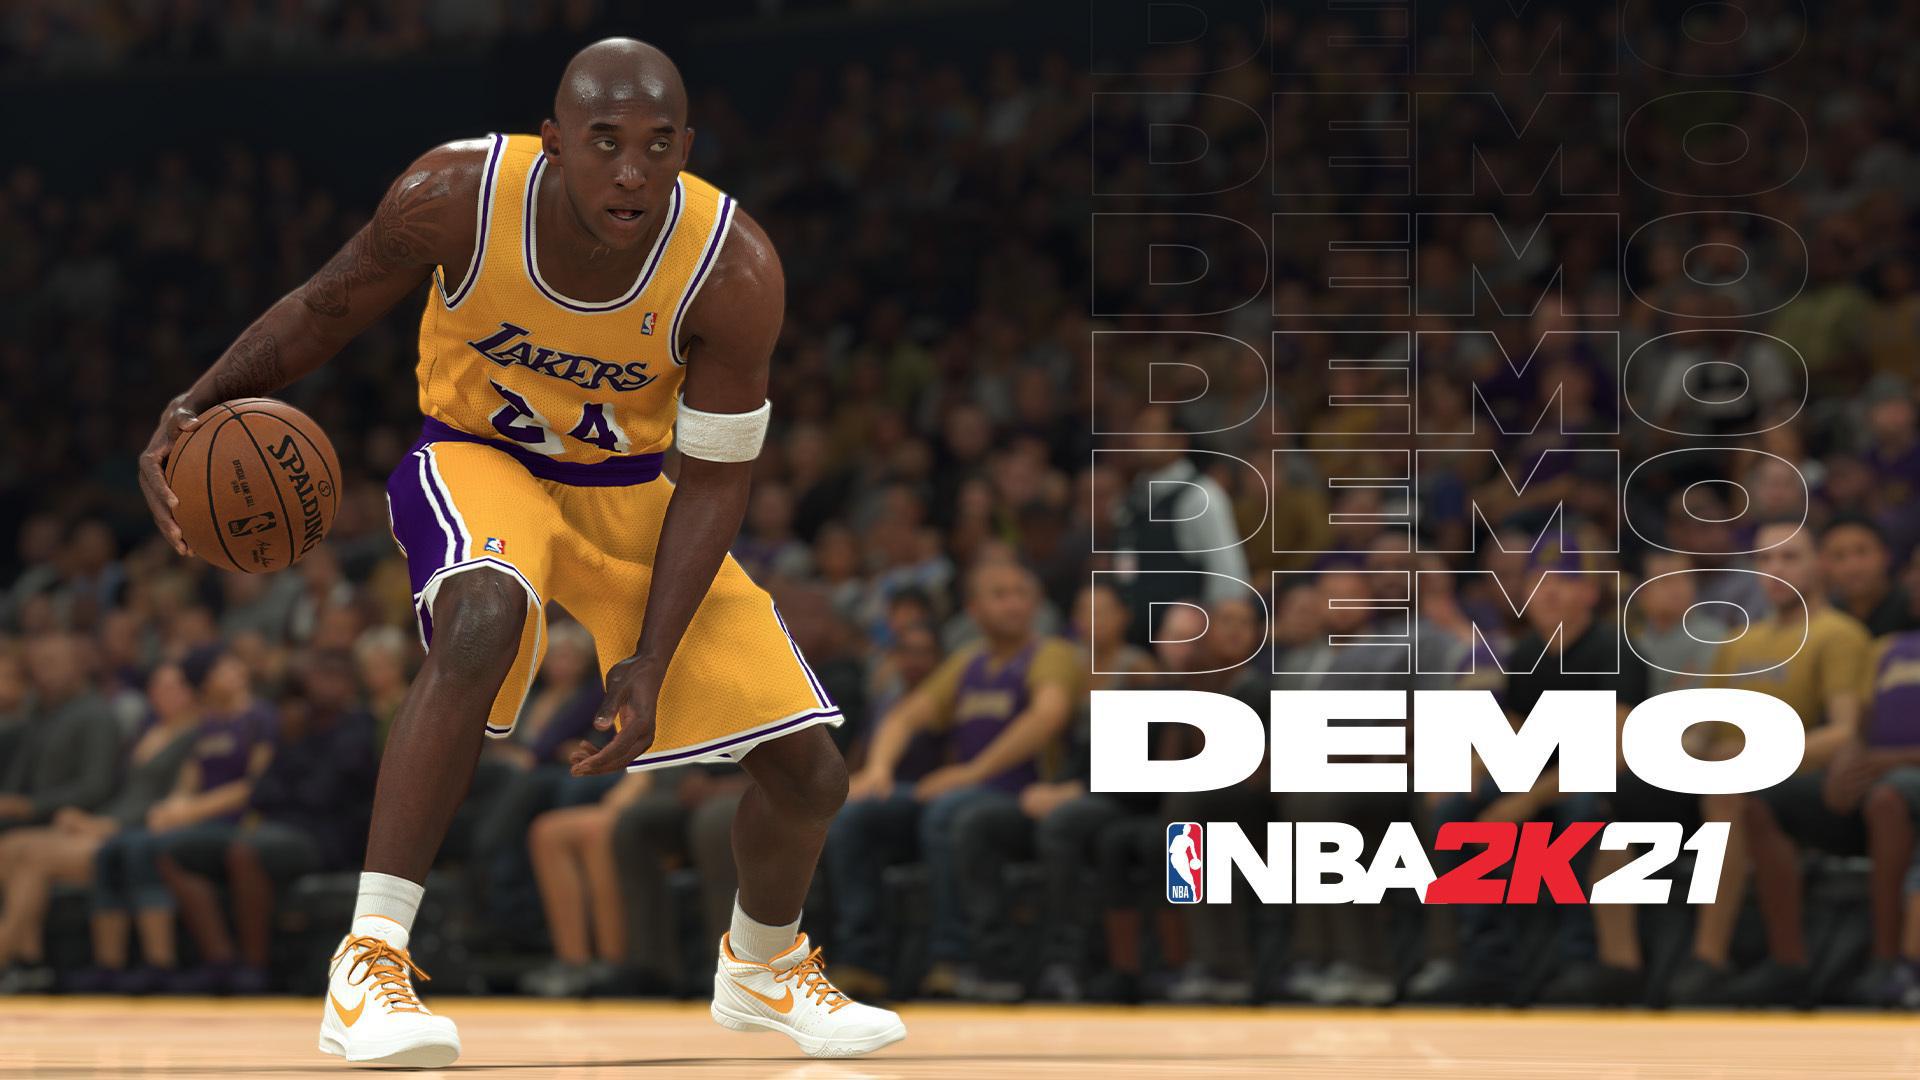 《NBA 2K21》试玩Demo现已在PS4/X1/NS上推出 球员评分赛季结束后更新